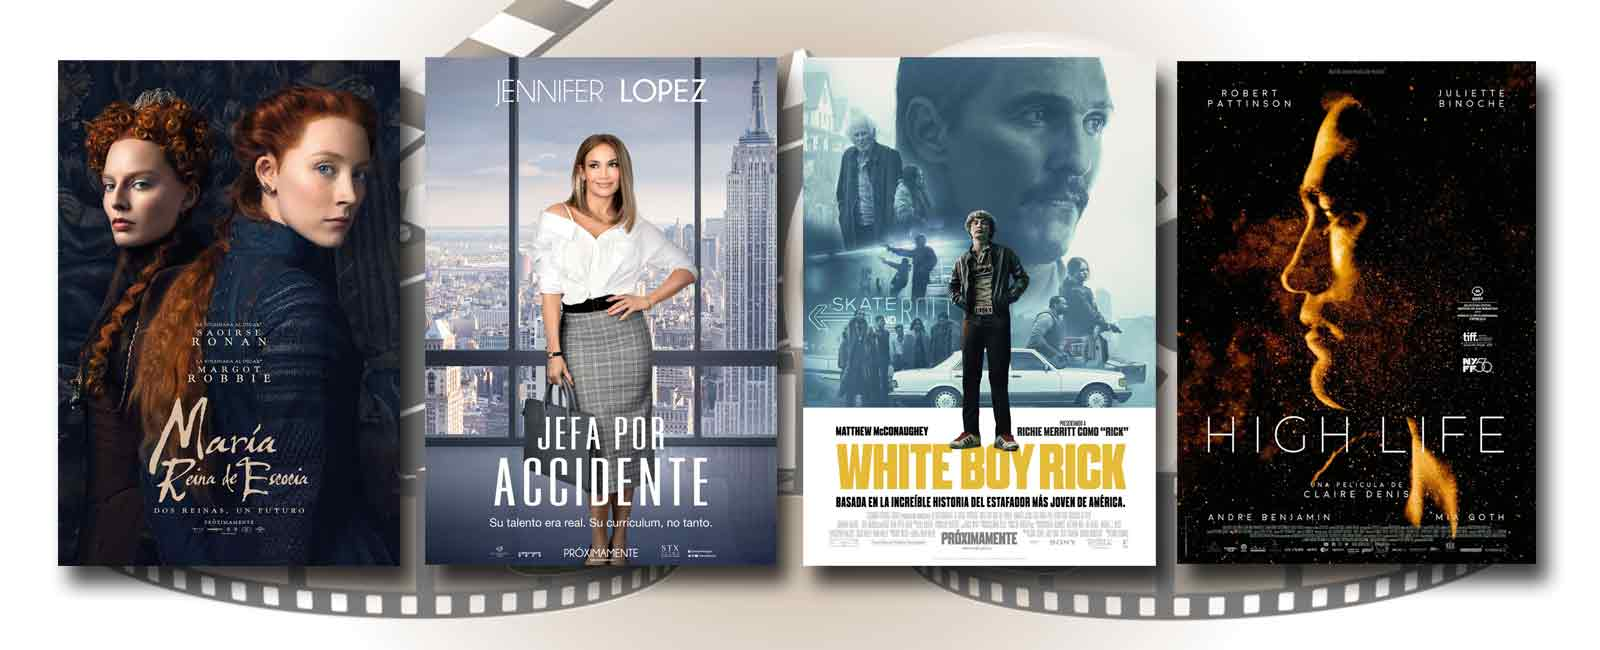 Estrenos de Cine de la Semana… 8 de Febrero 2019